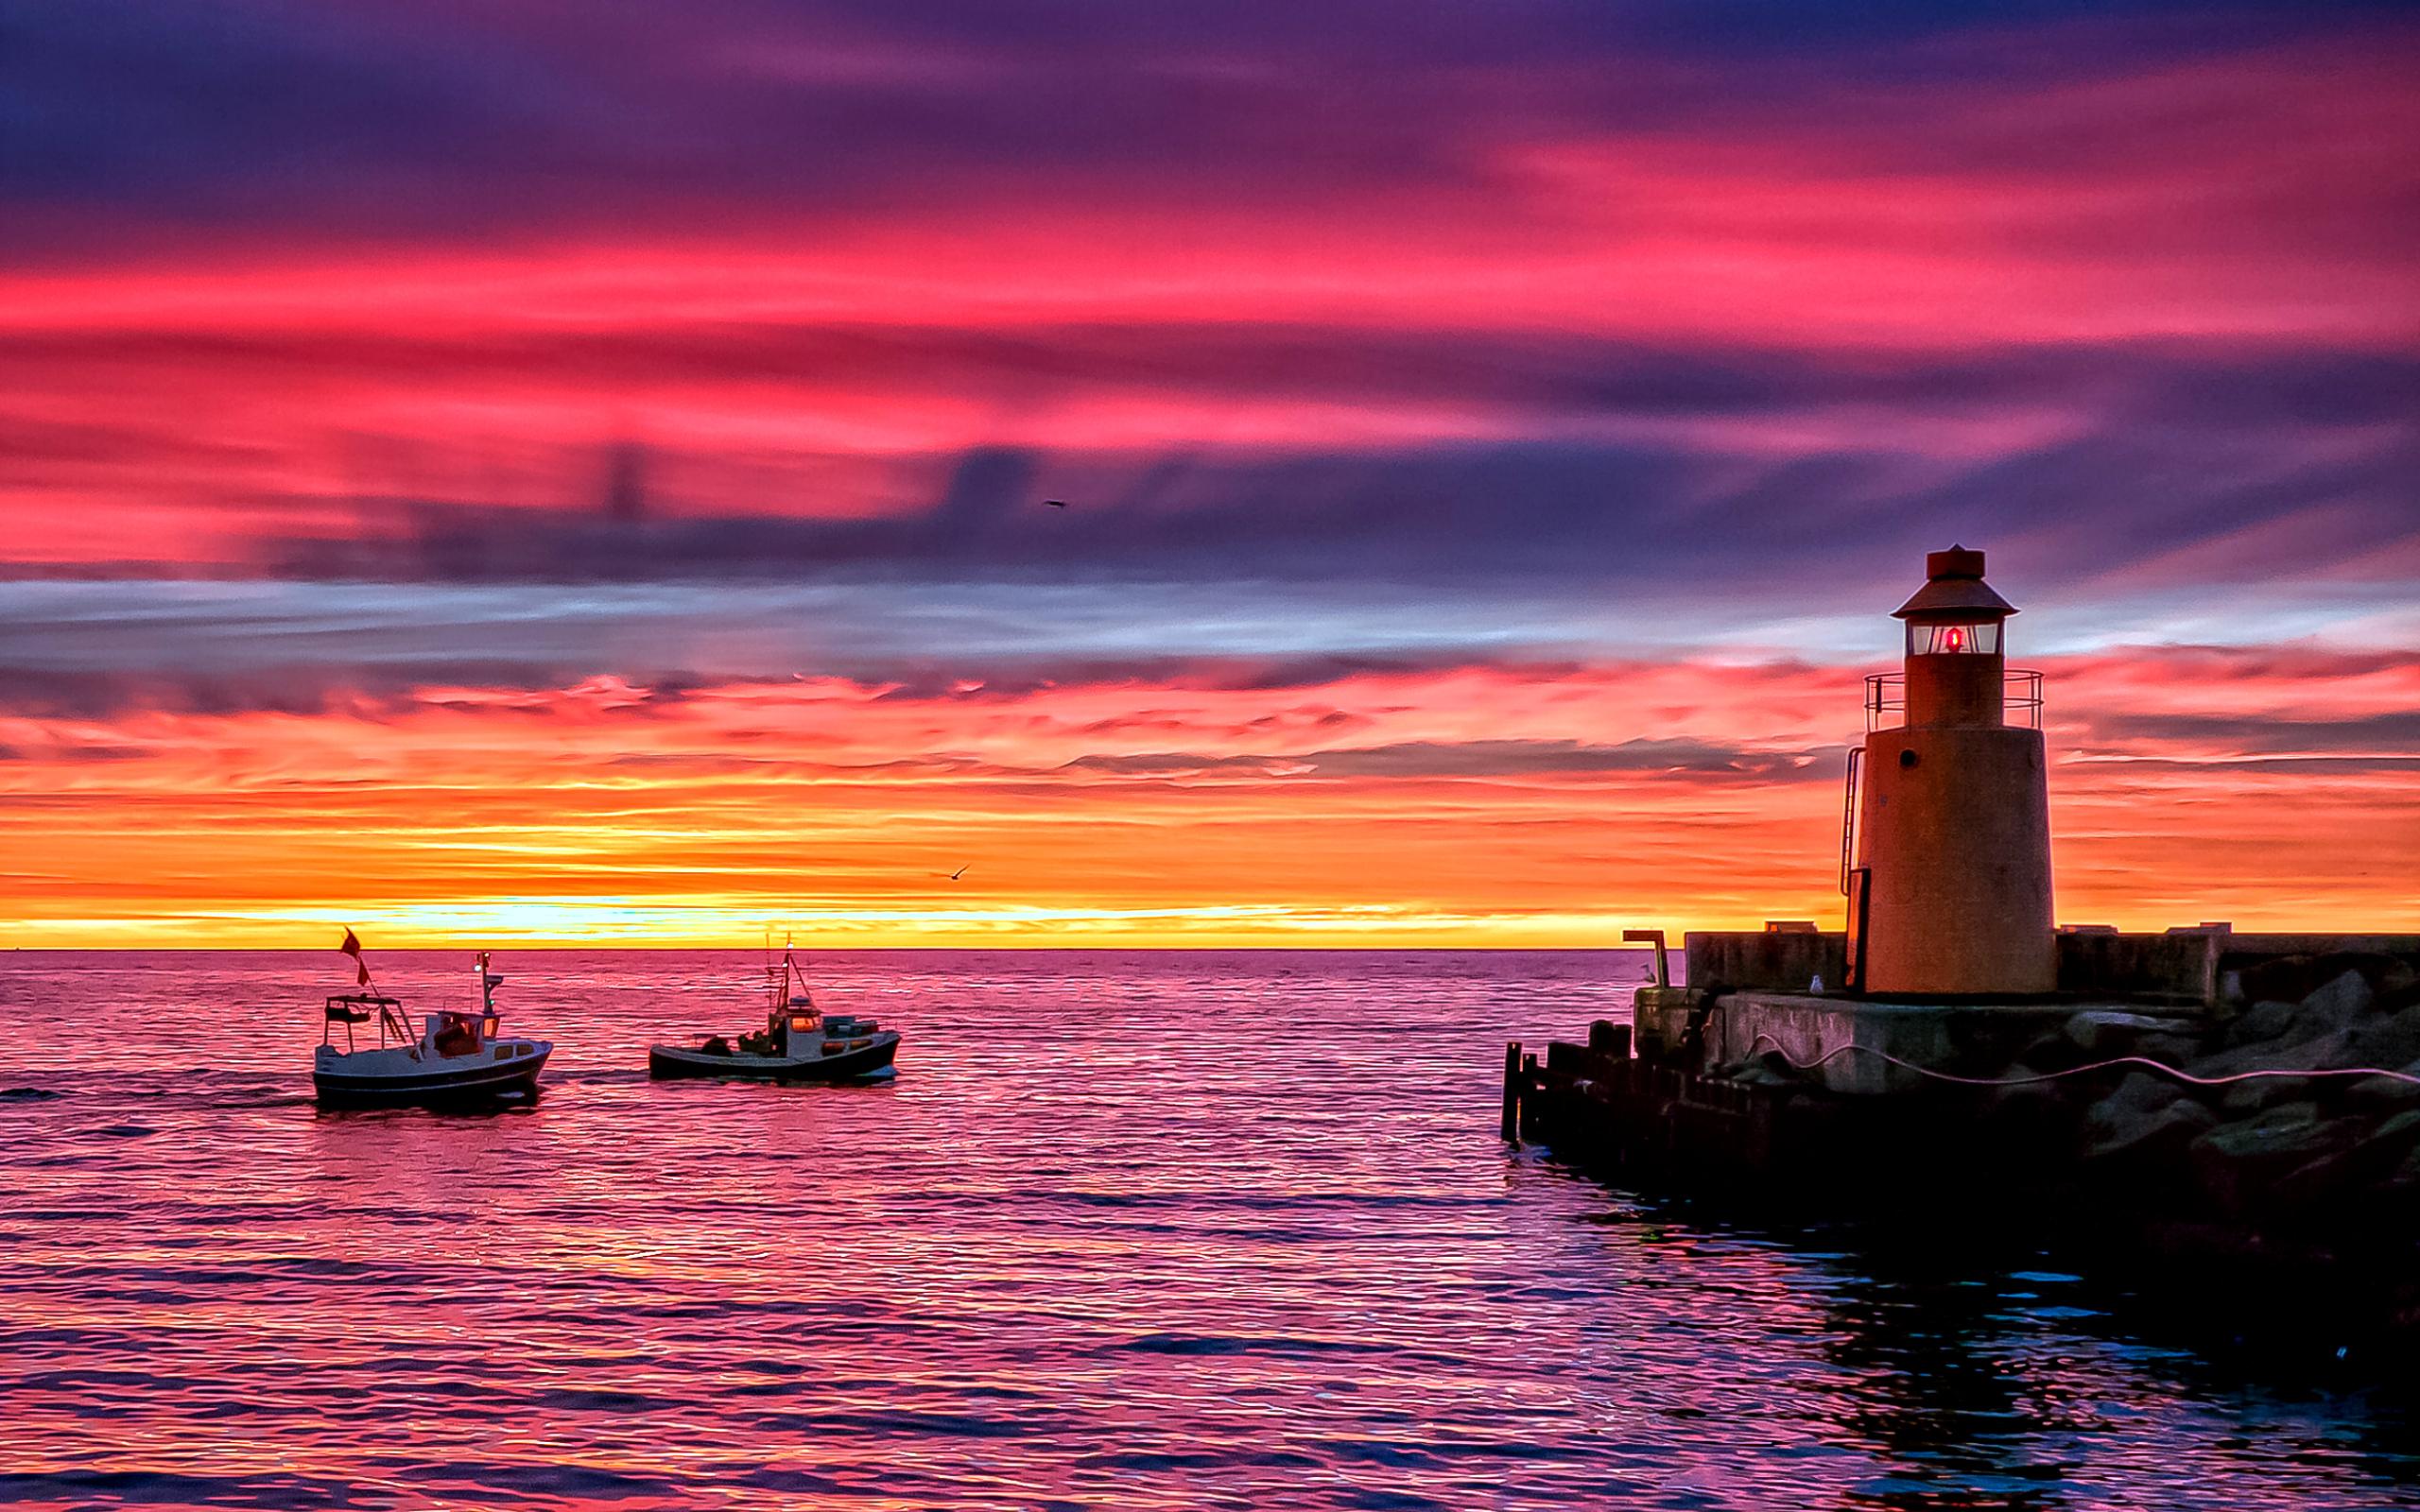 фото морского заката в высоком качестве период